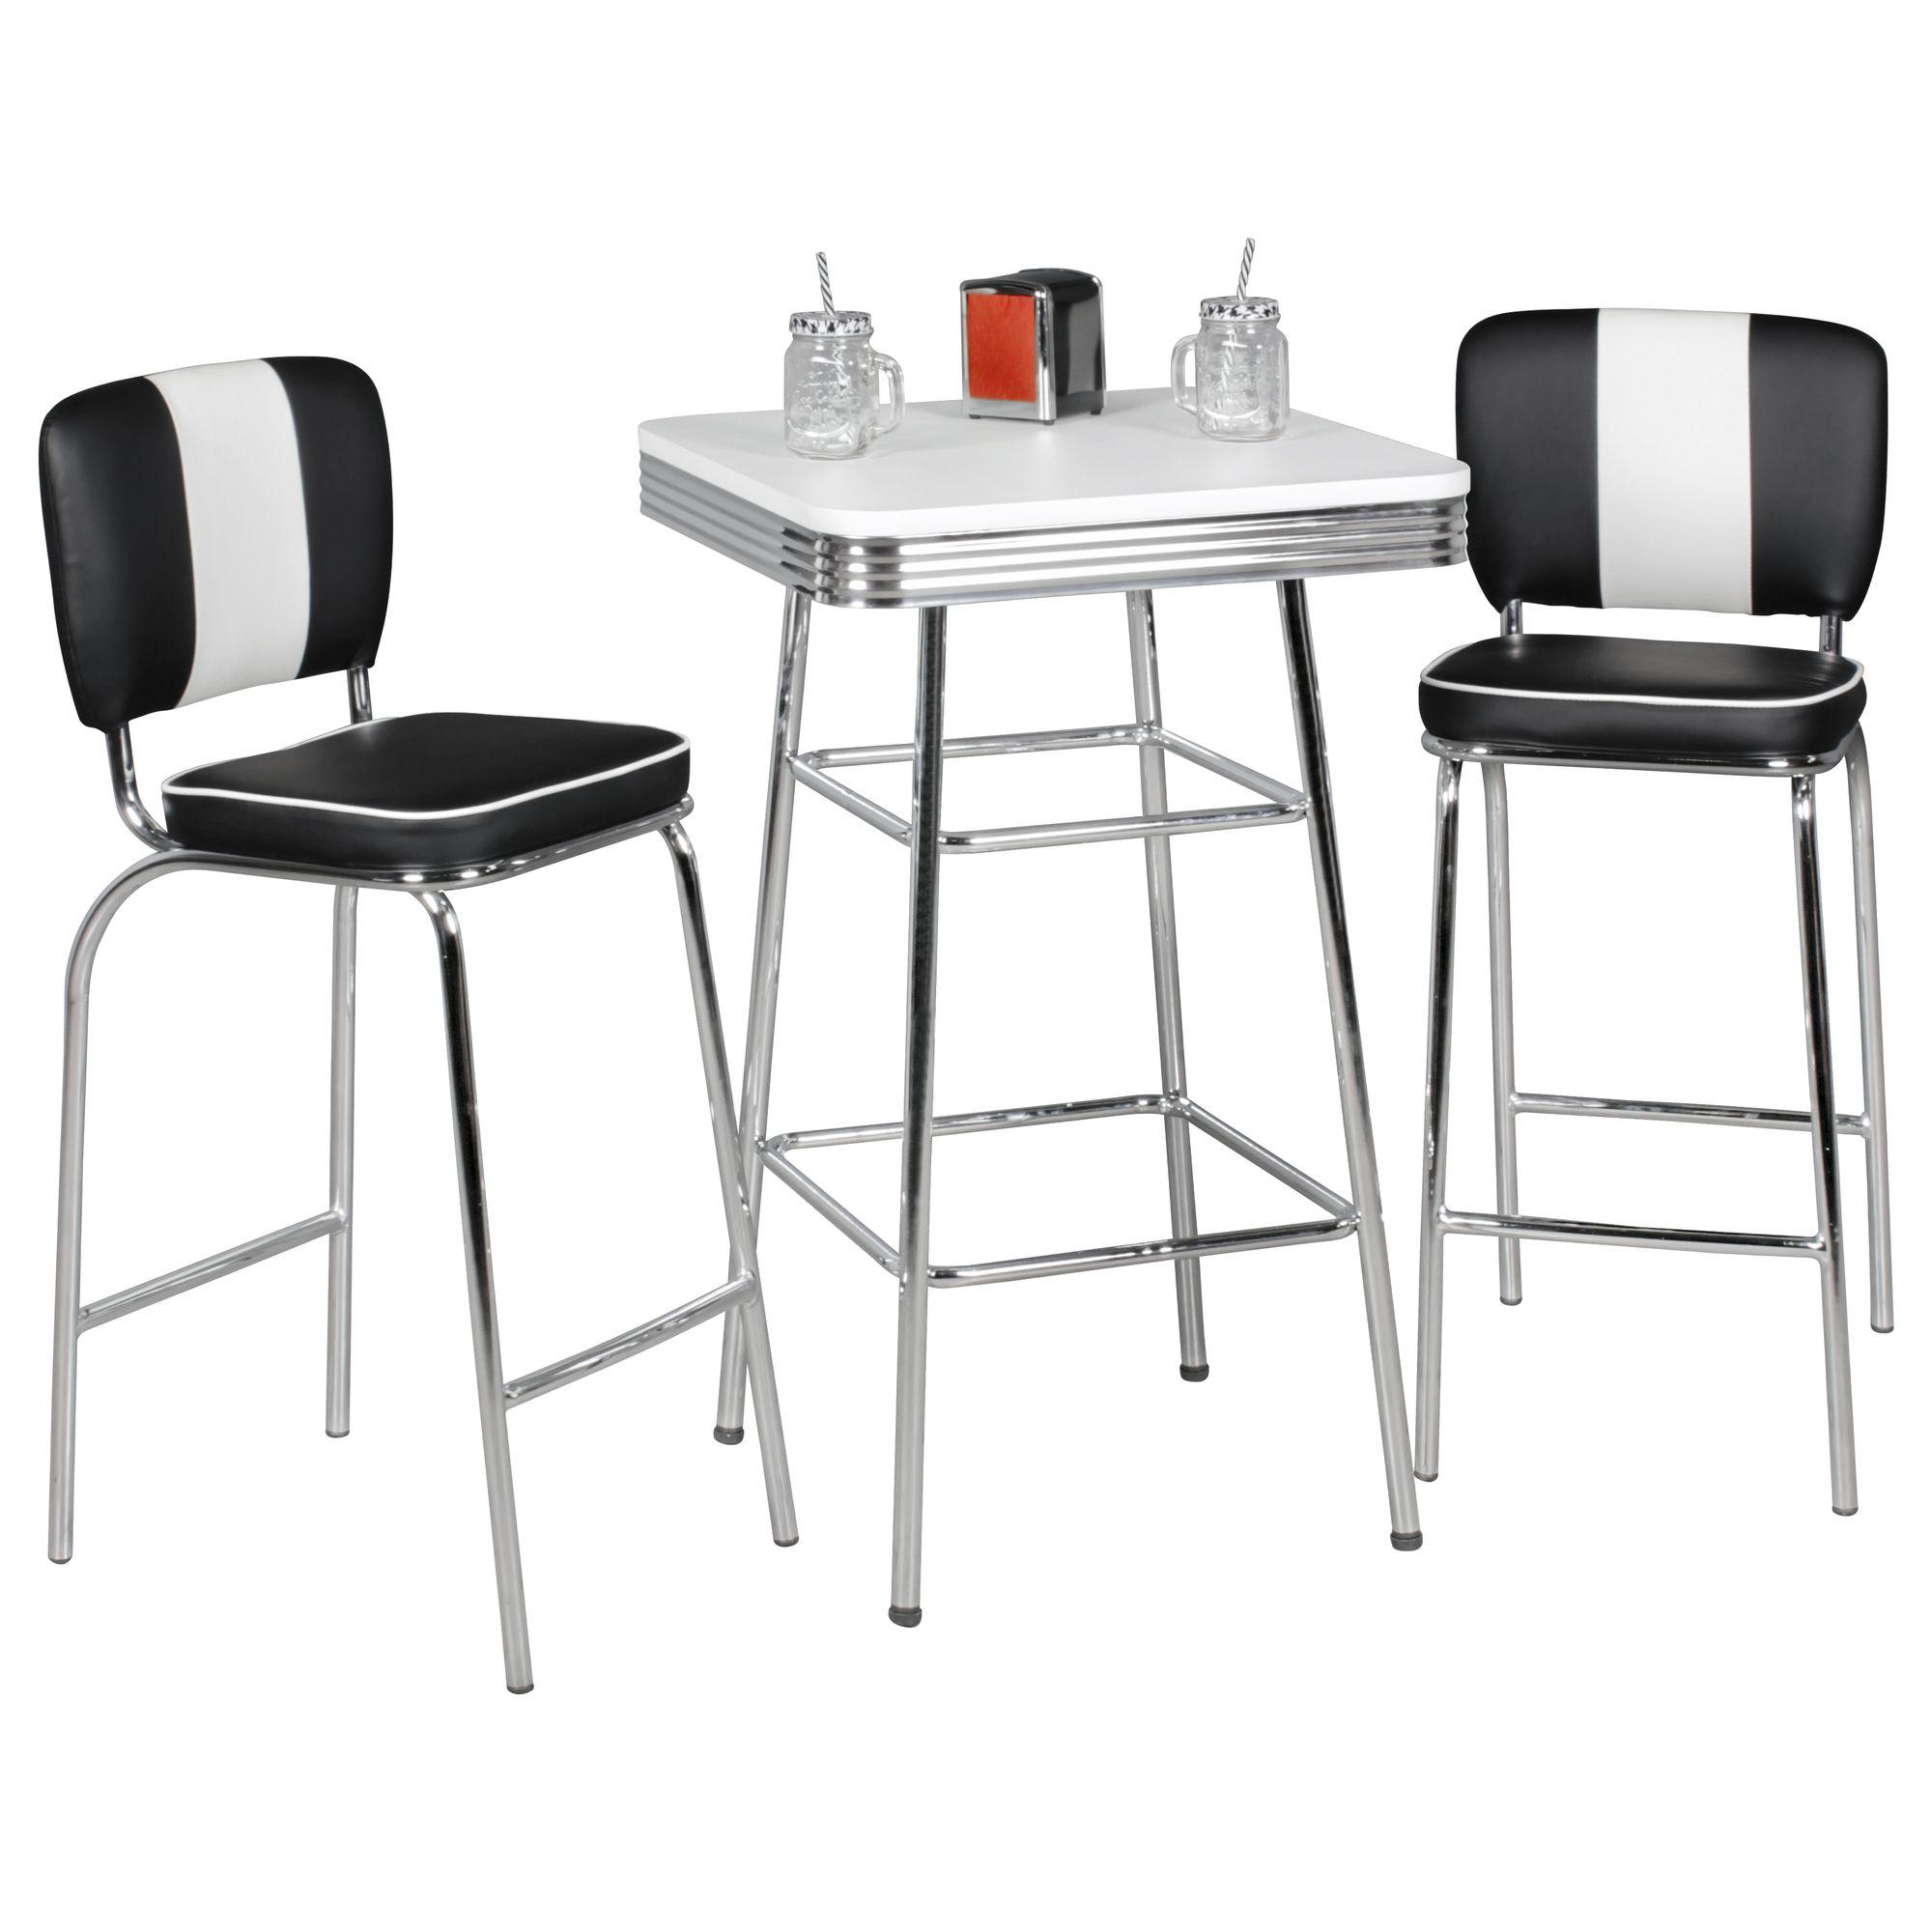 Full Size of Bartisch 60x100 Cm American Diner Wei Alu Design Retro Usa Küchen Regal Küche Wohnzimmer Küchen Bartisch